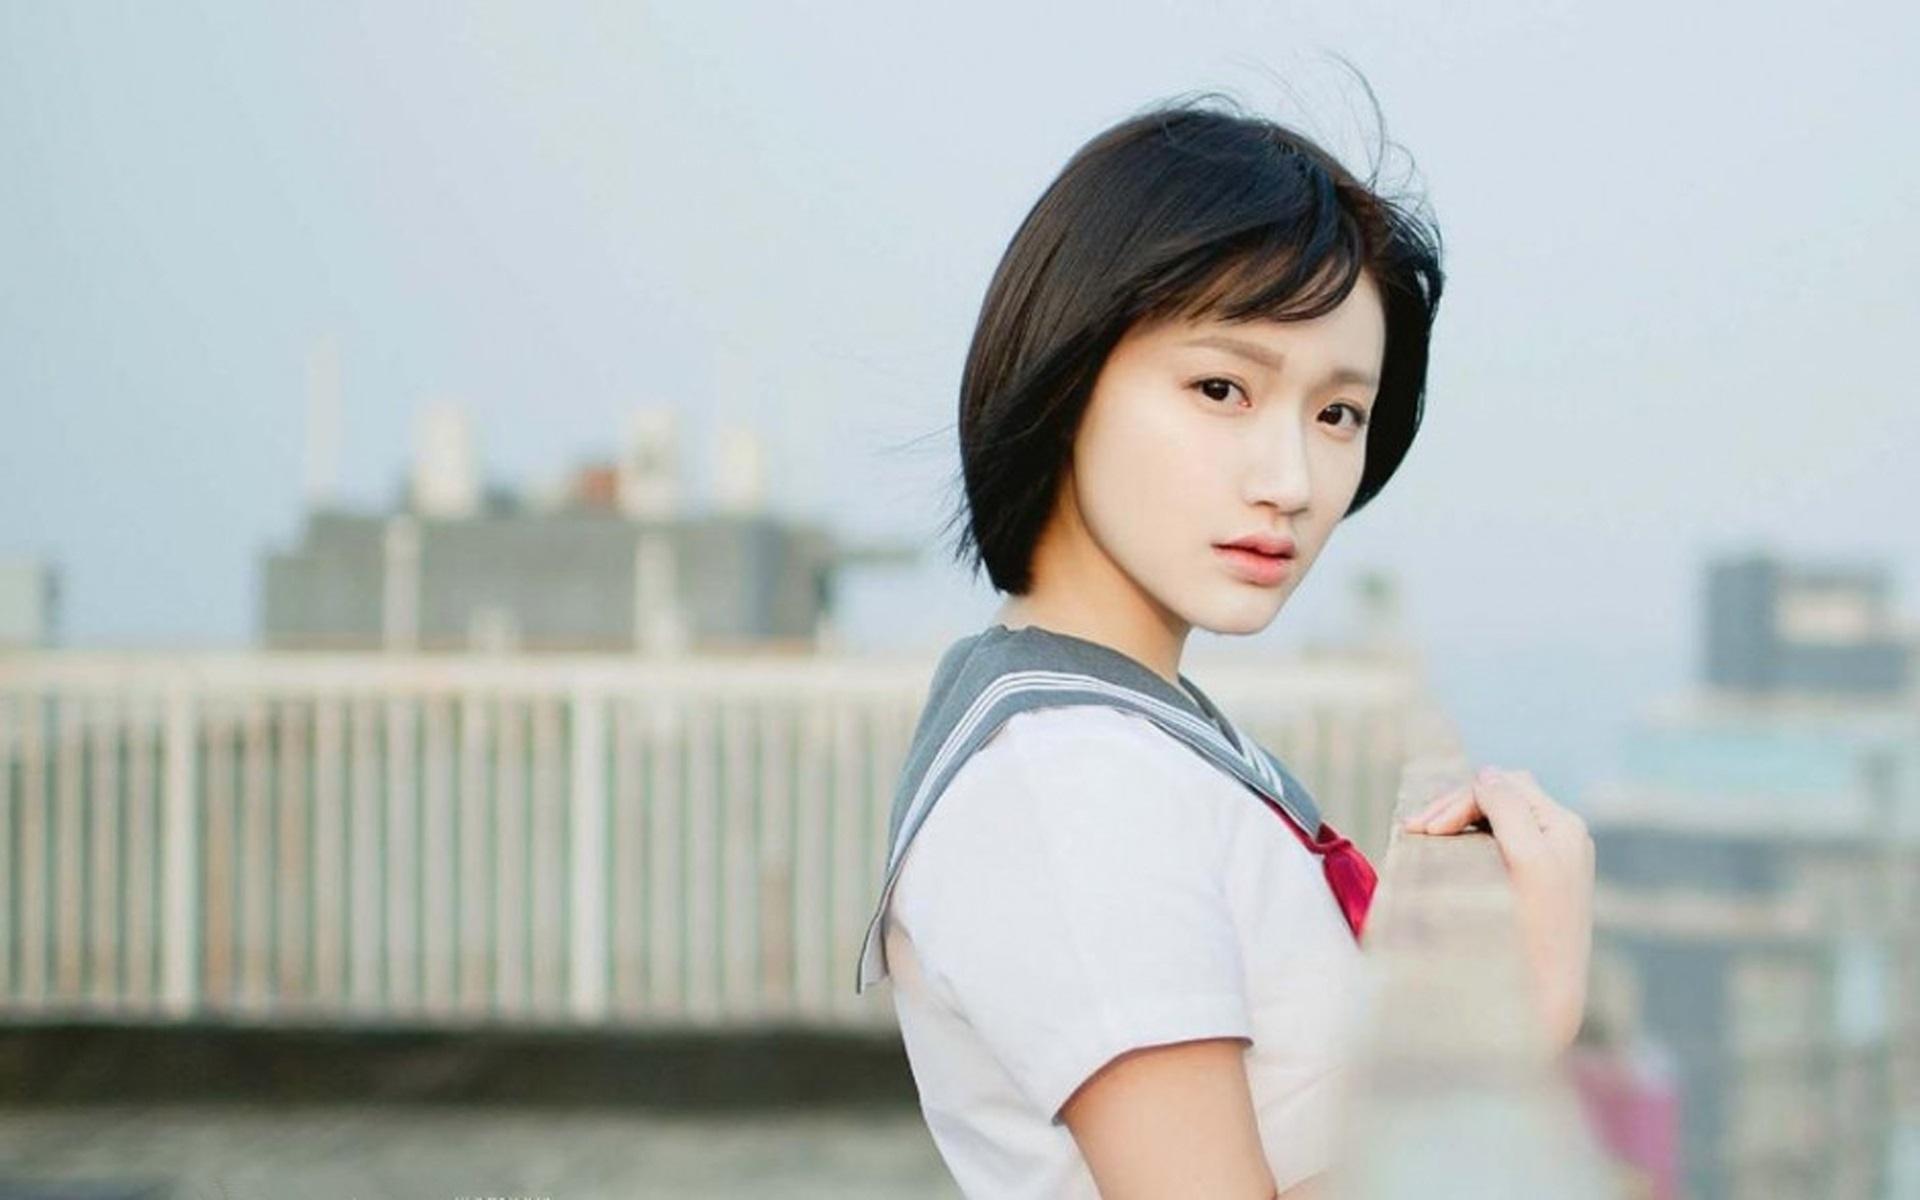 医见倾心:亿万老公超暖心 主角: 沐晓晓, 陆御枫